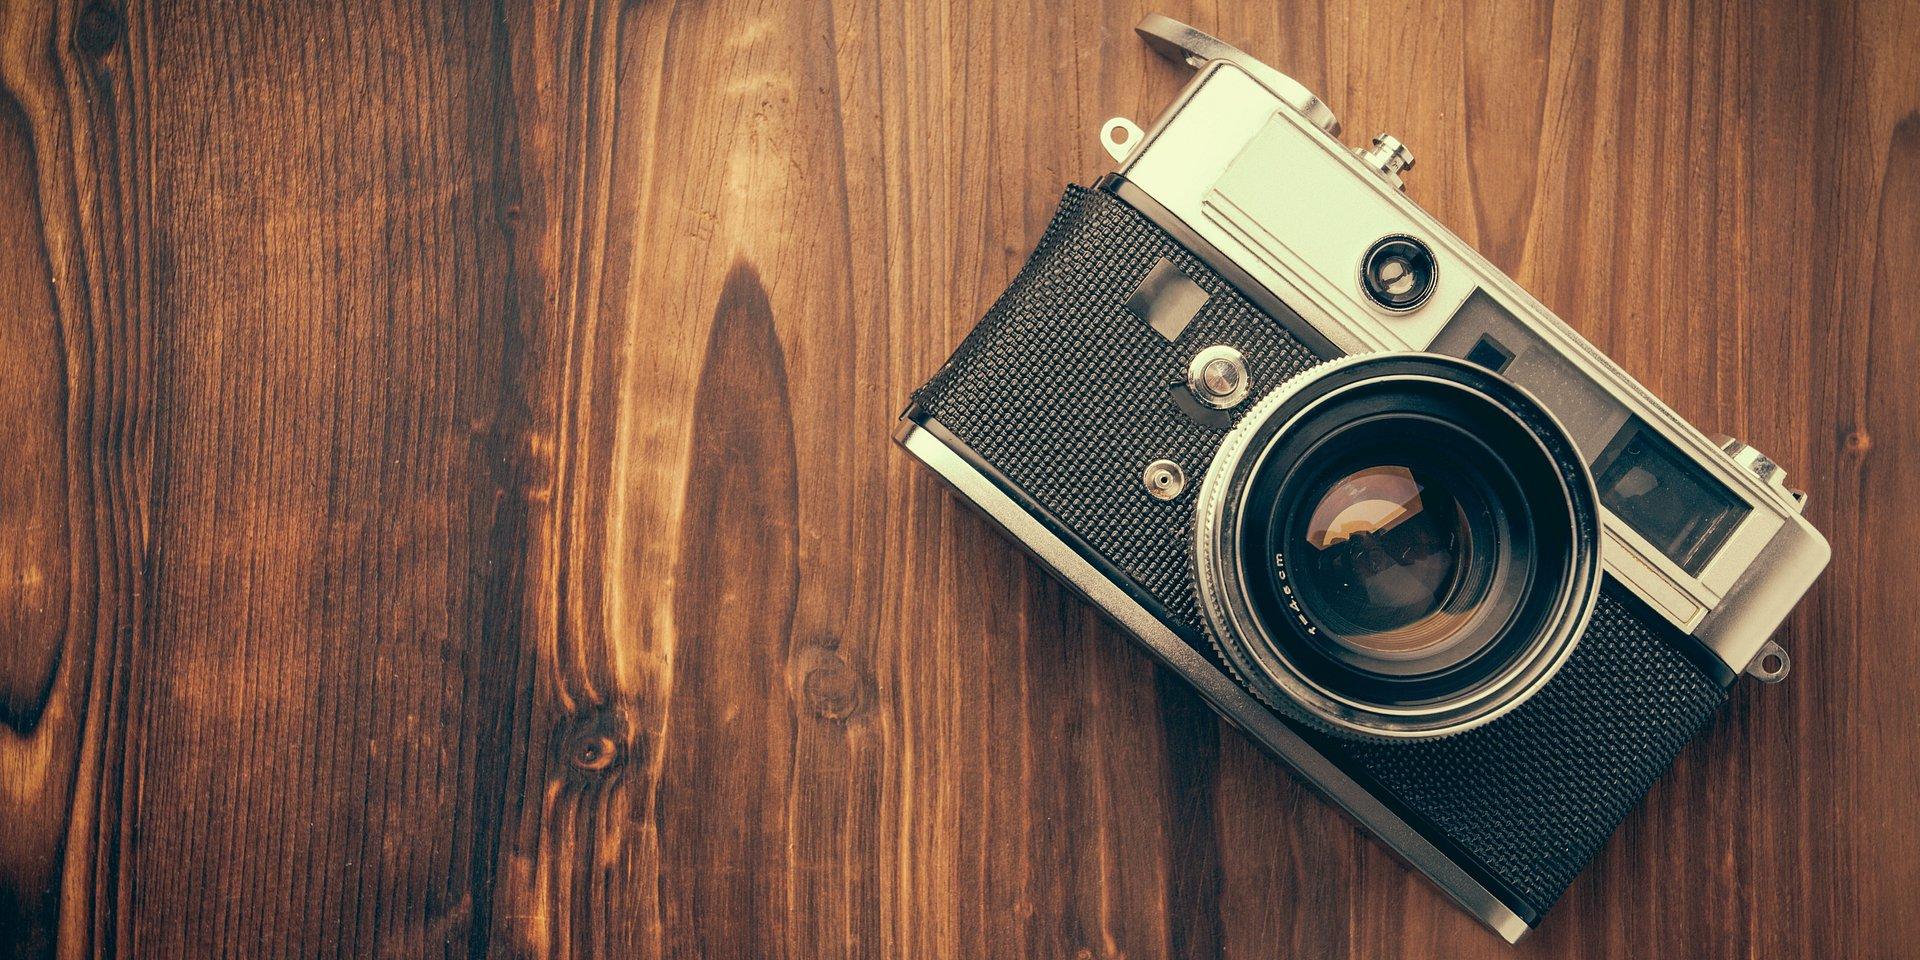 Podróż życia do wygrania w największym na świecie konkursie fotografii miejskiej CBRE